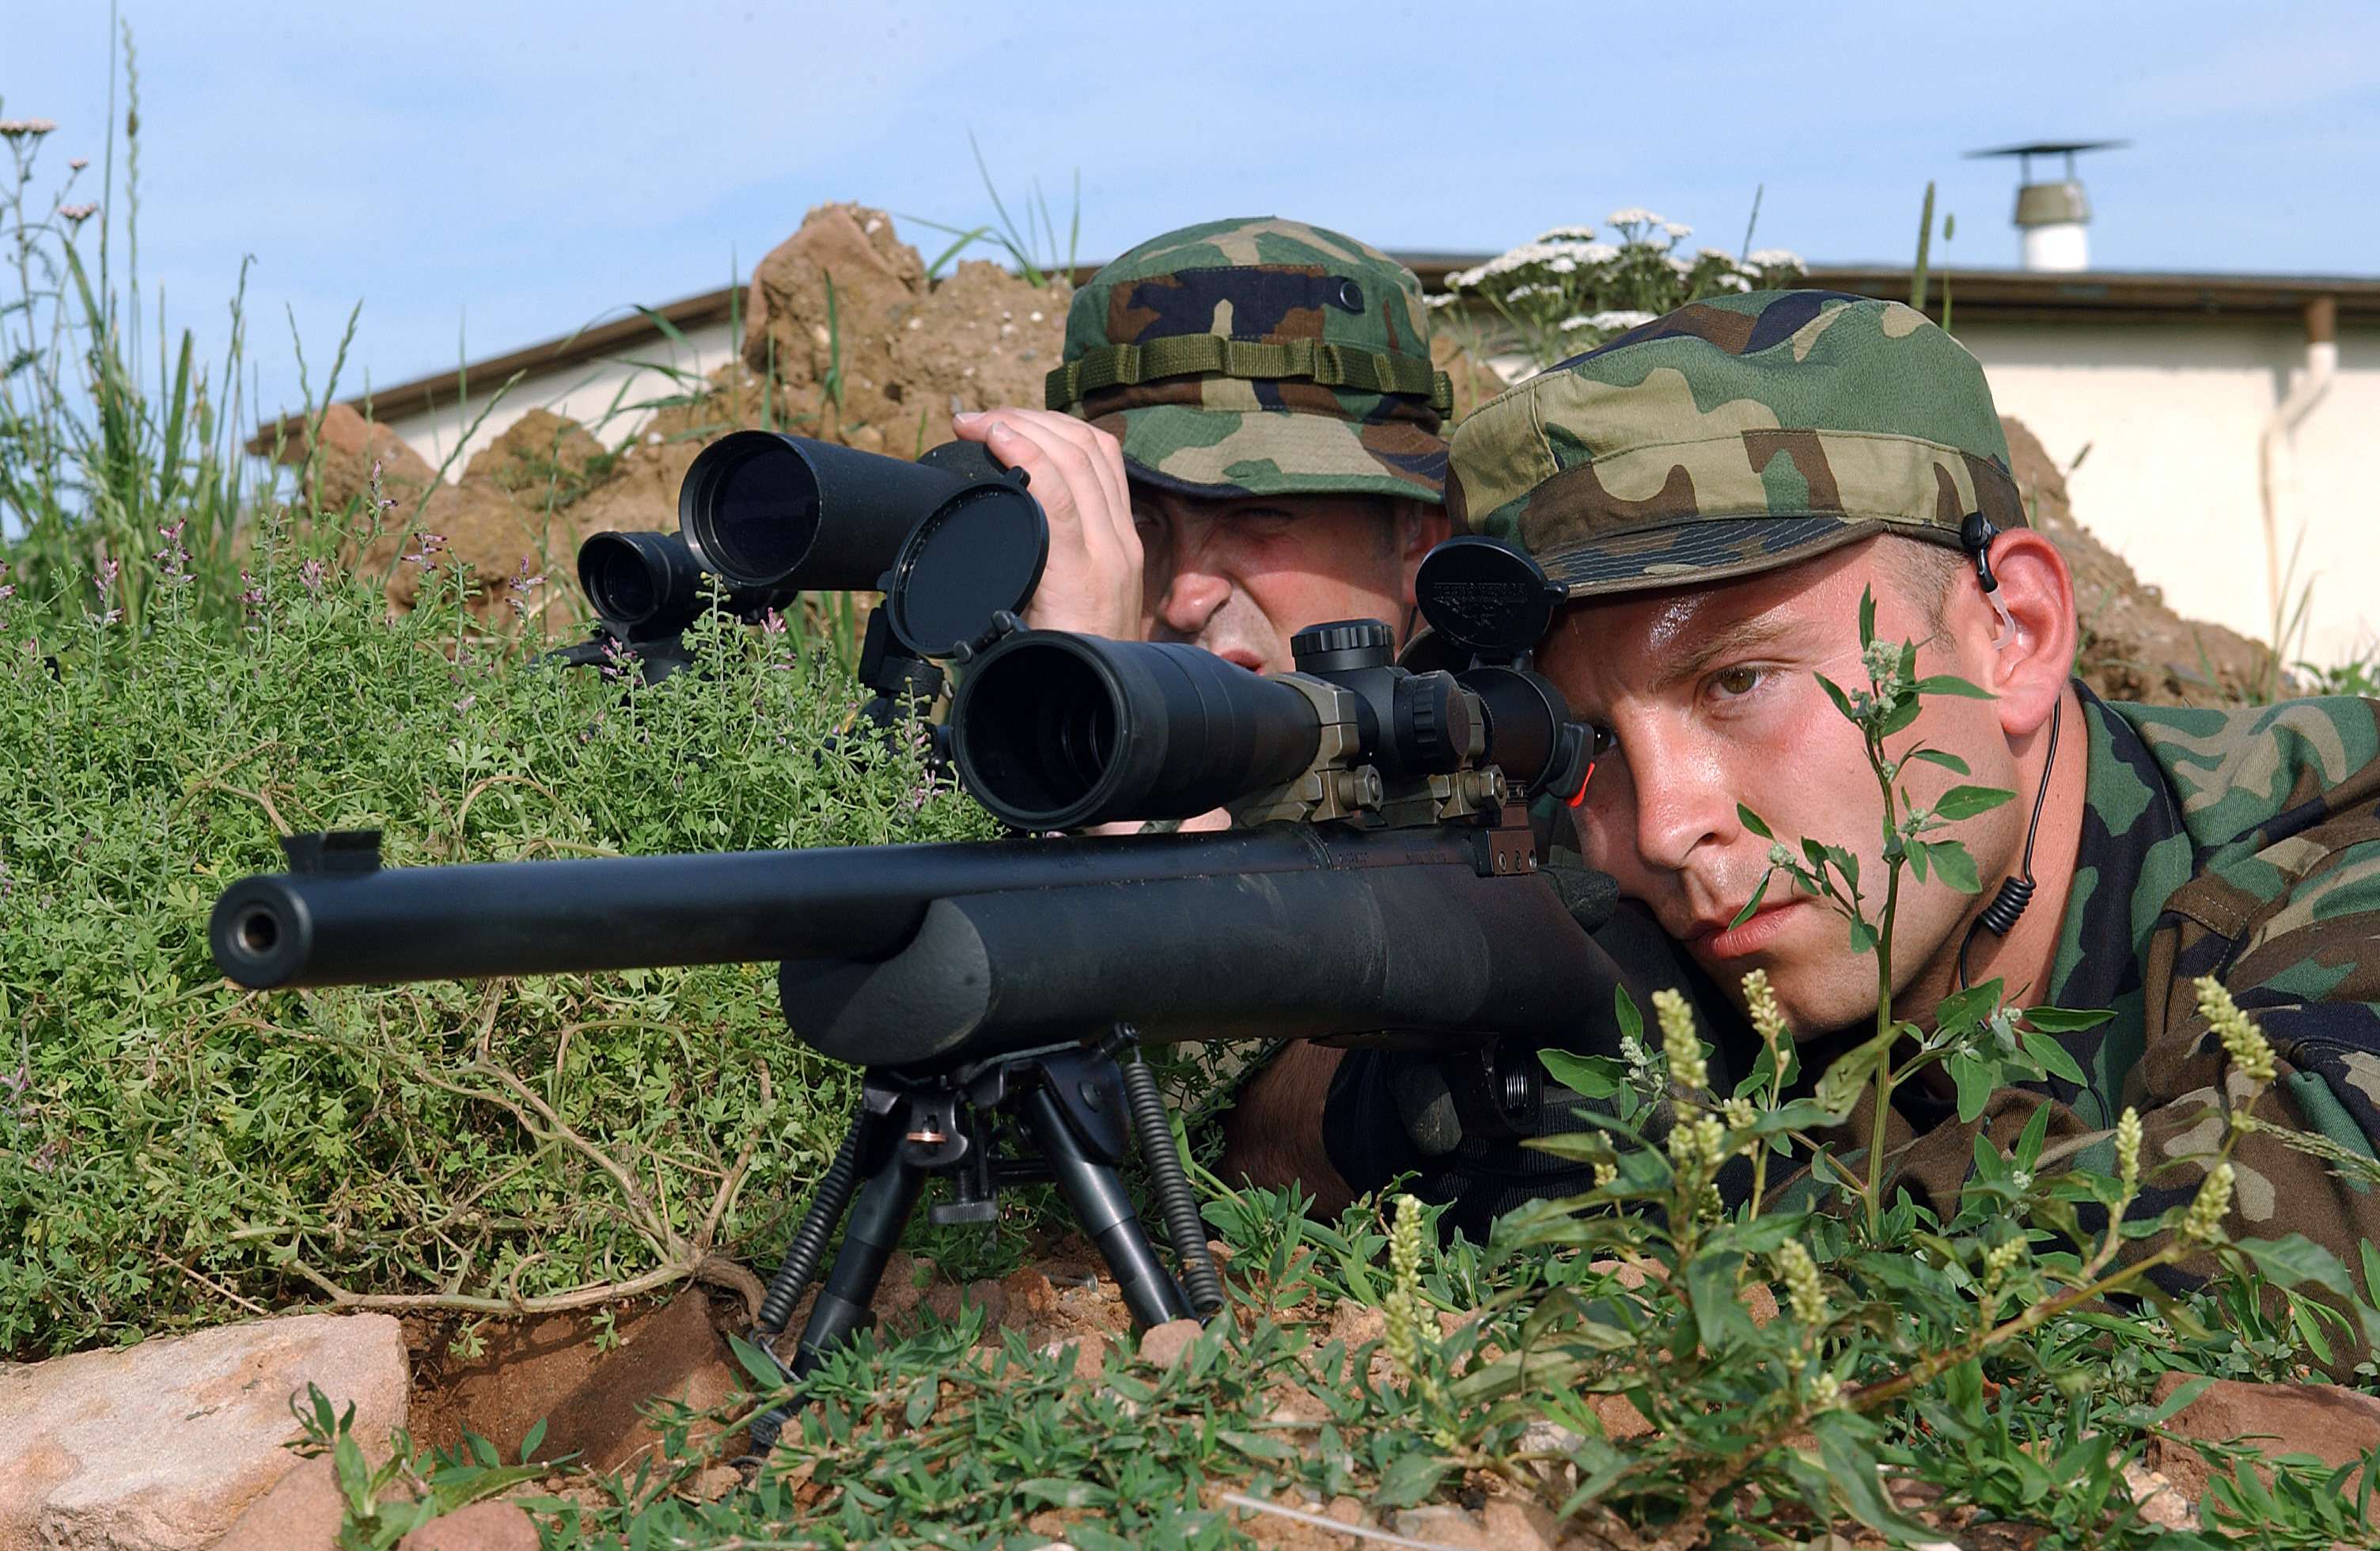 Conocer soldados norteamericanos